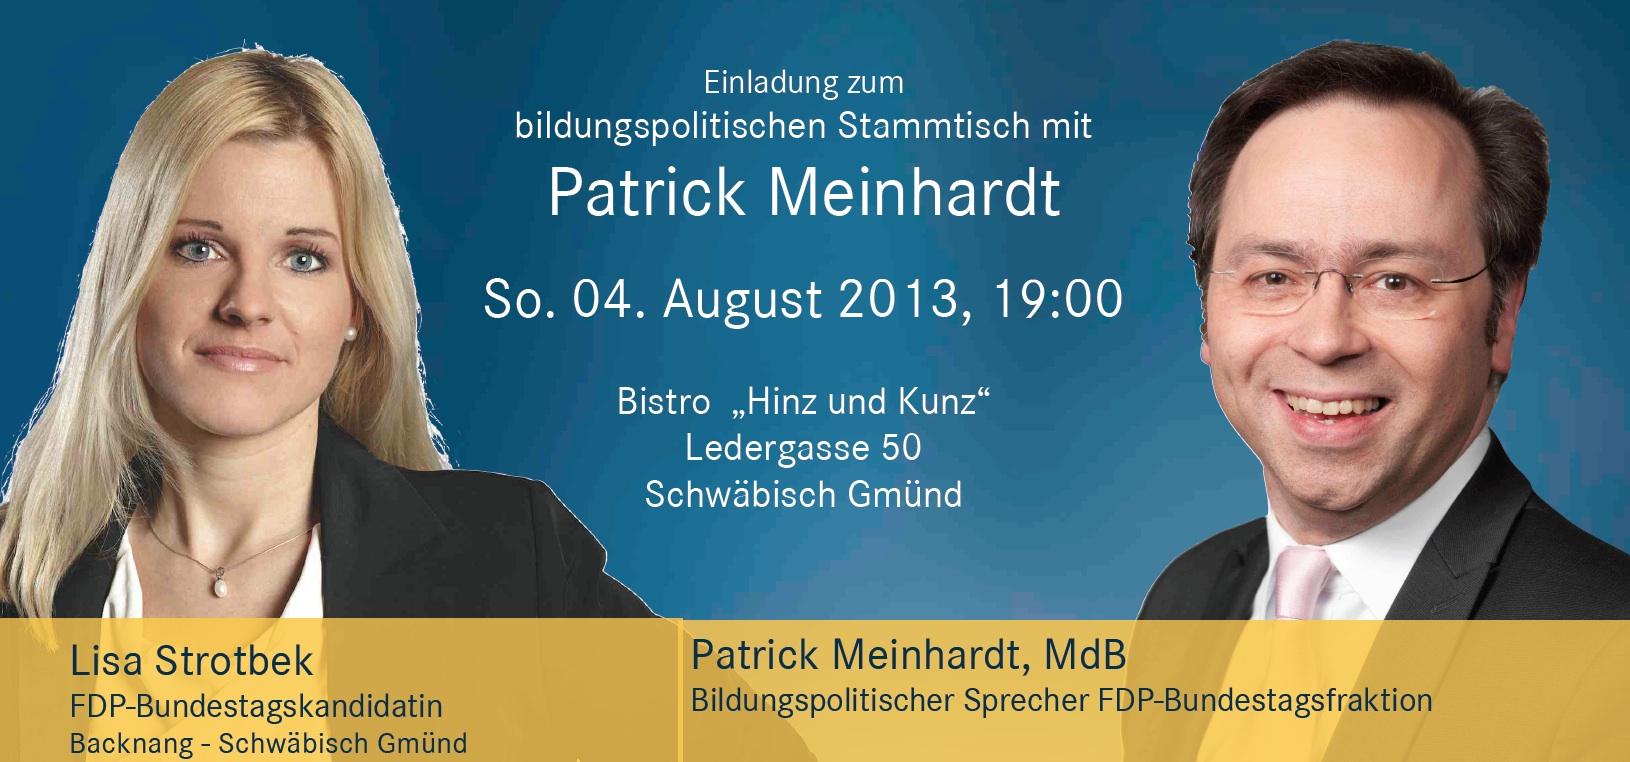 Bildungspolitischer Stammtisch mit Patrick Meinhardt